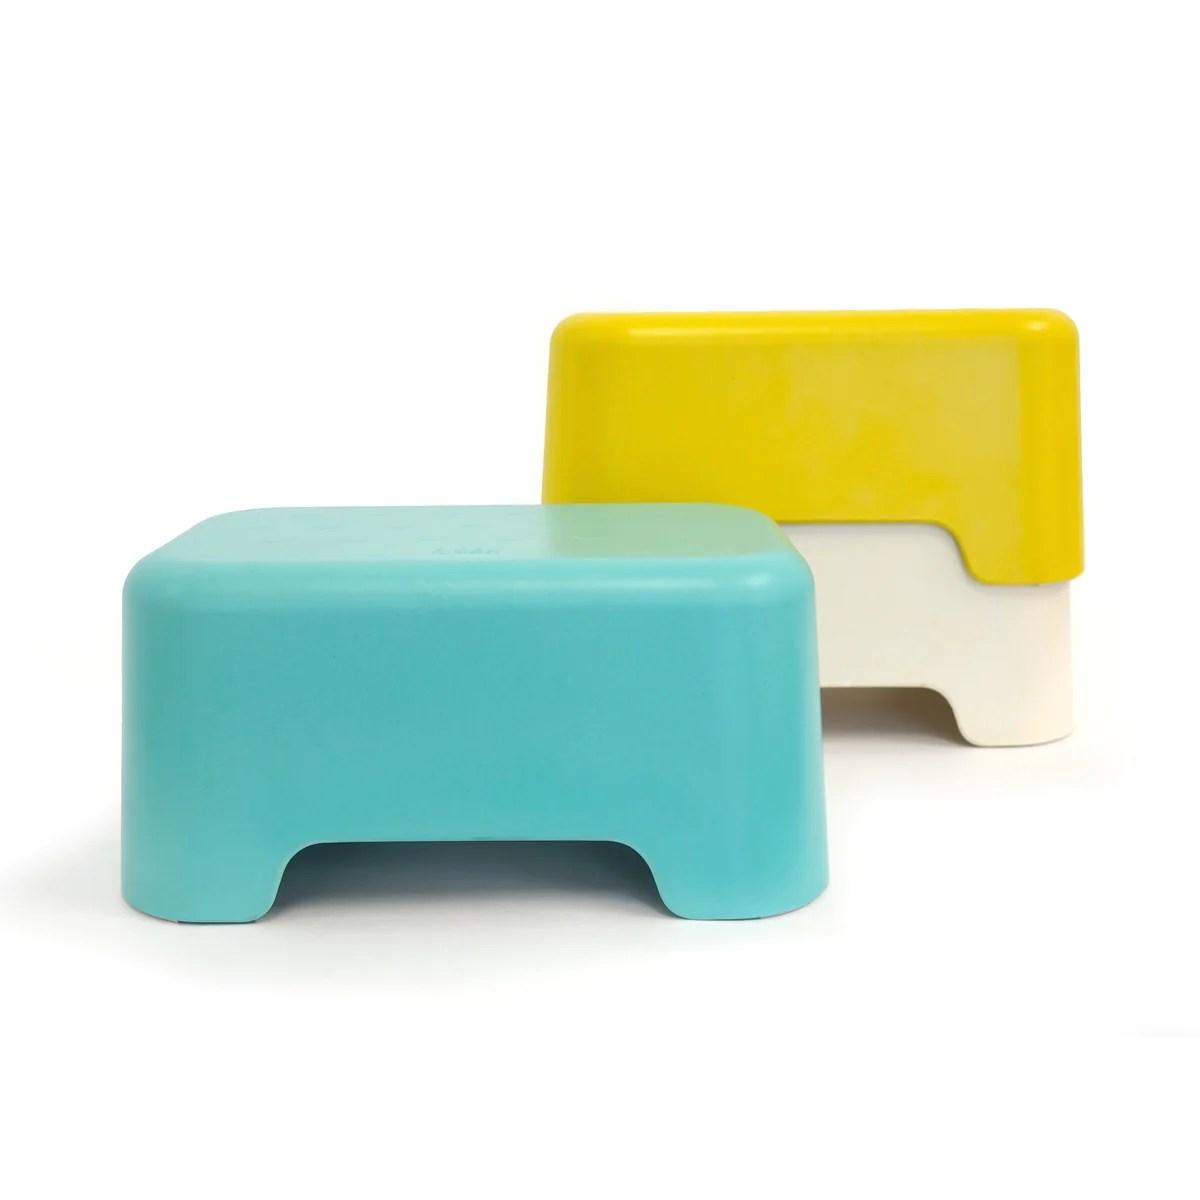 Ikea Badezimmer Tritt Fussbank Faltbar Verschiedene Farben